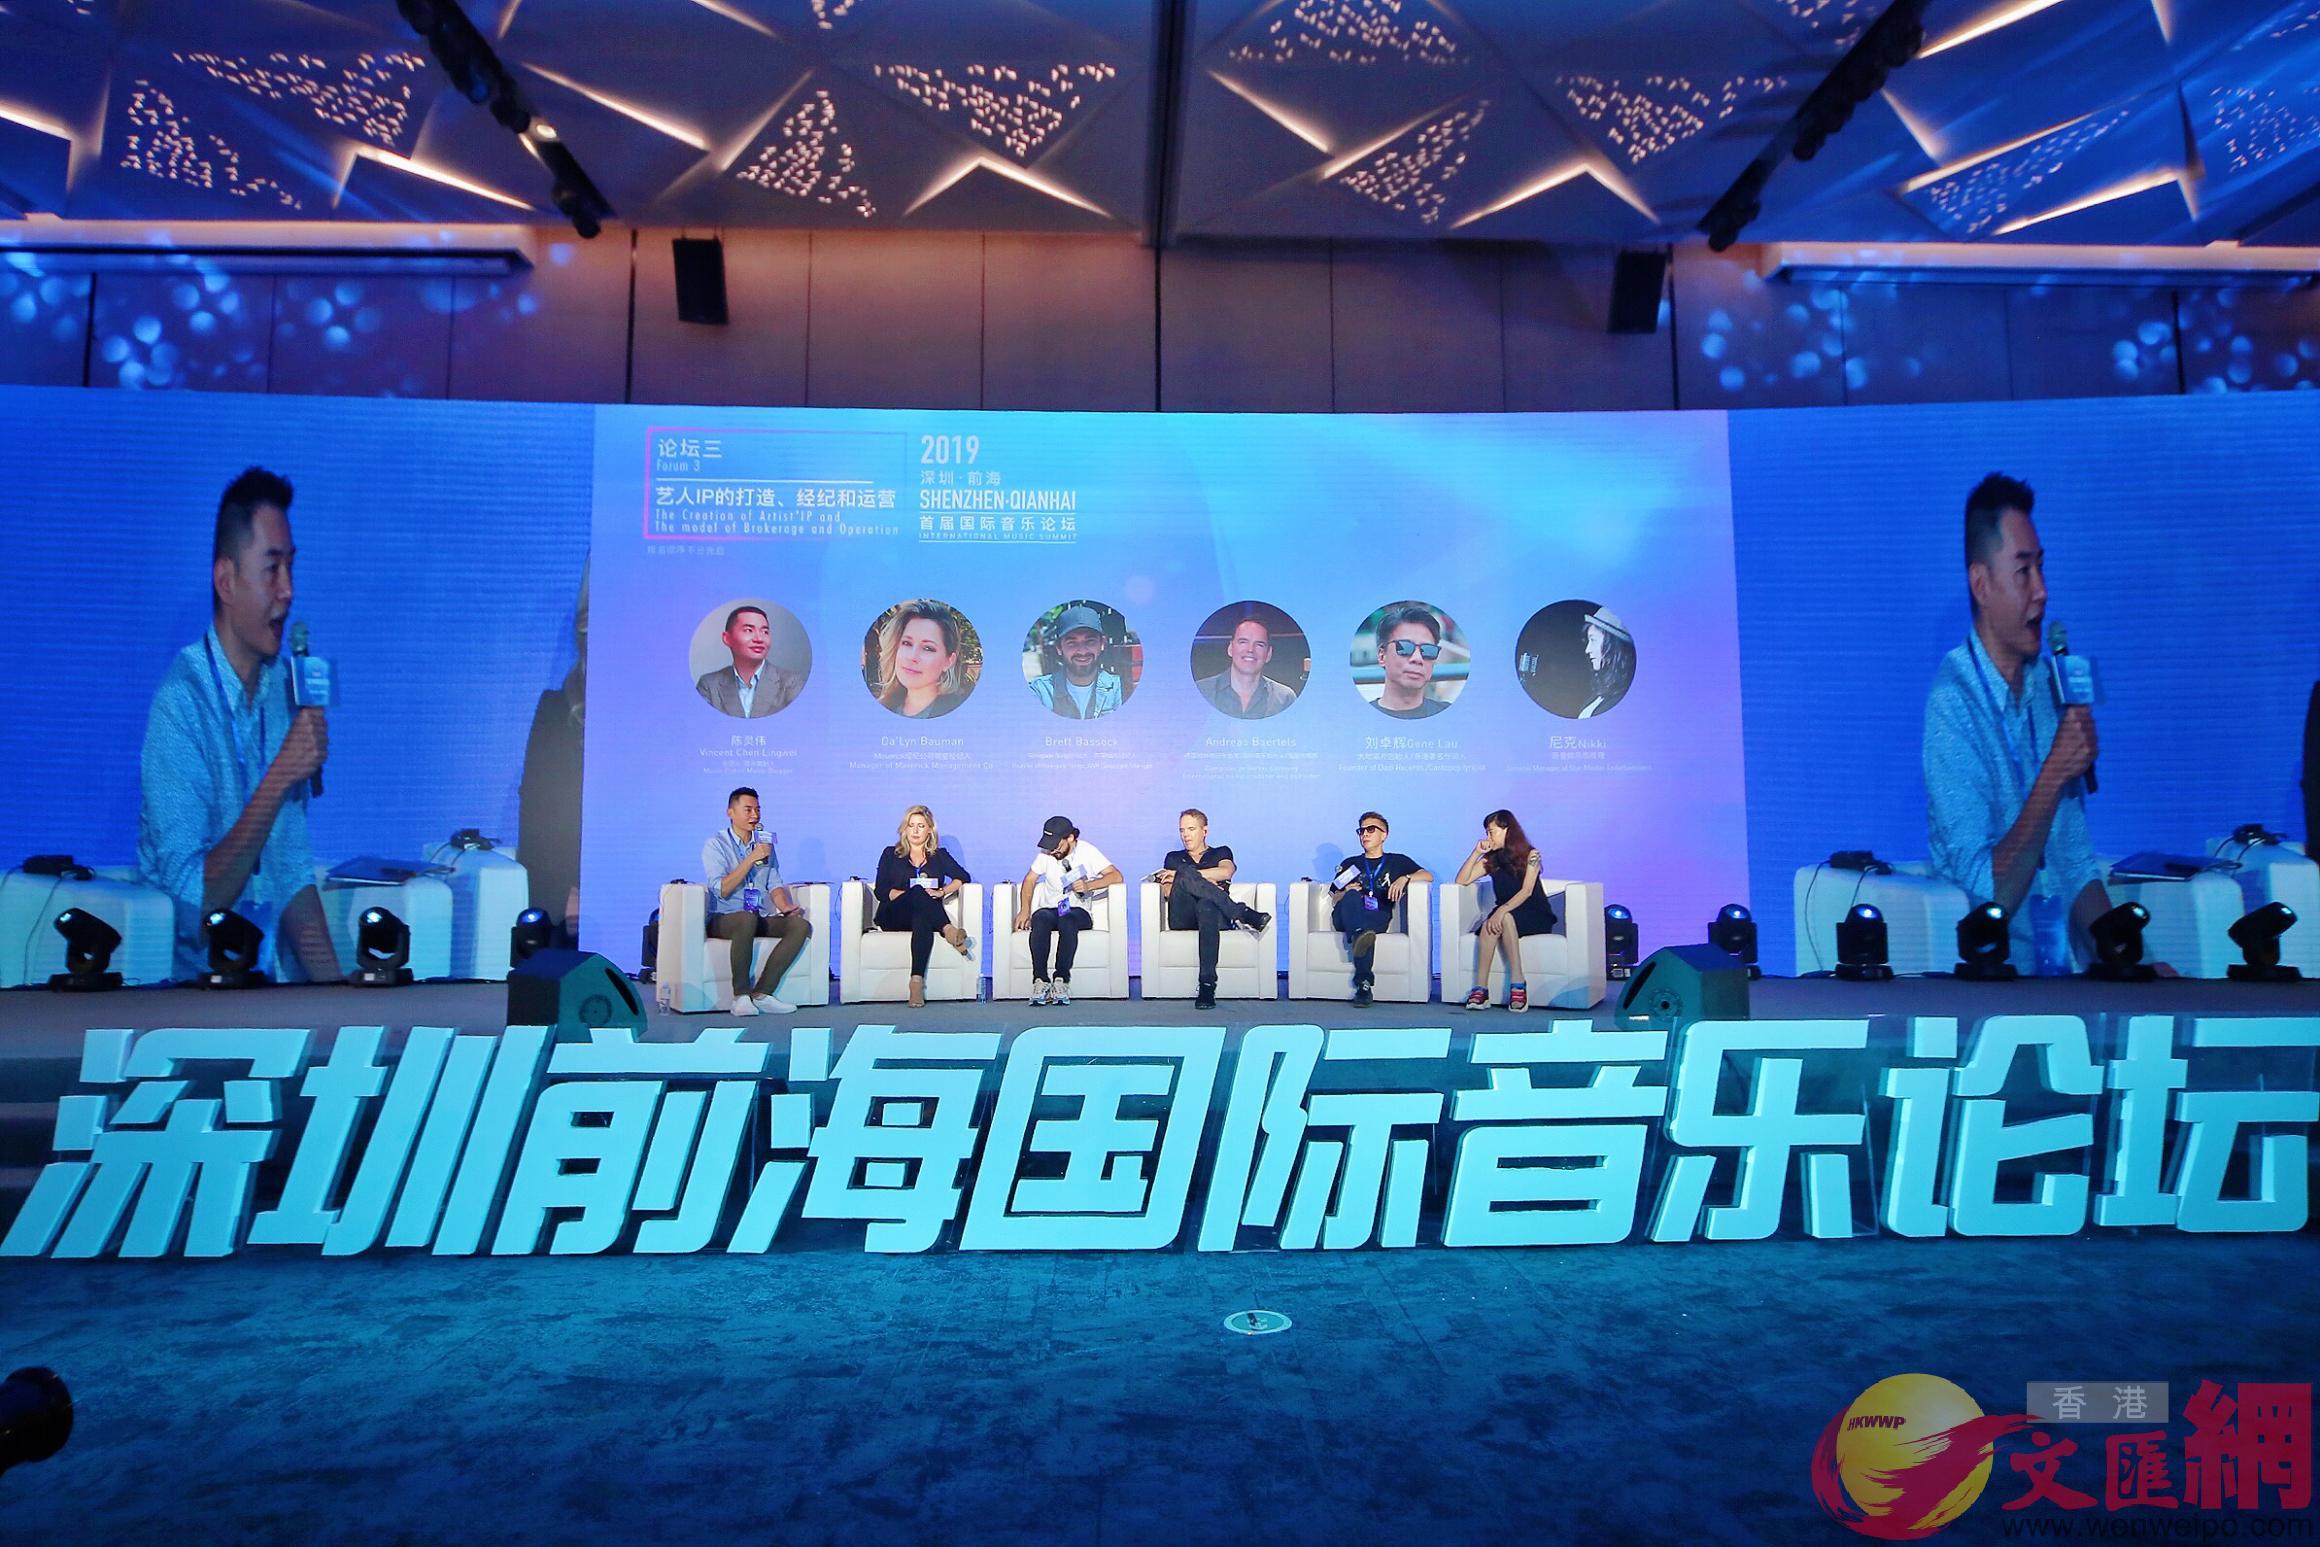 2019深圳前海•首屆國際音樂論壇。胡永愛攝